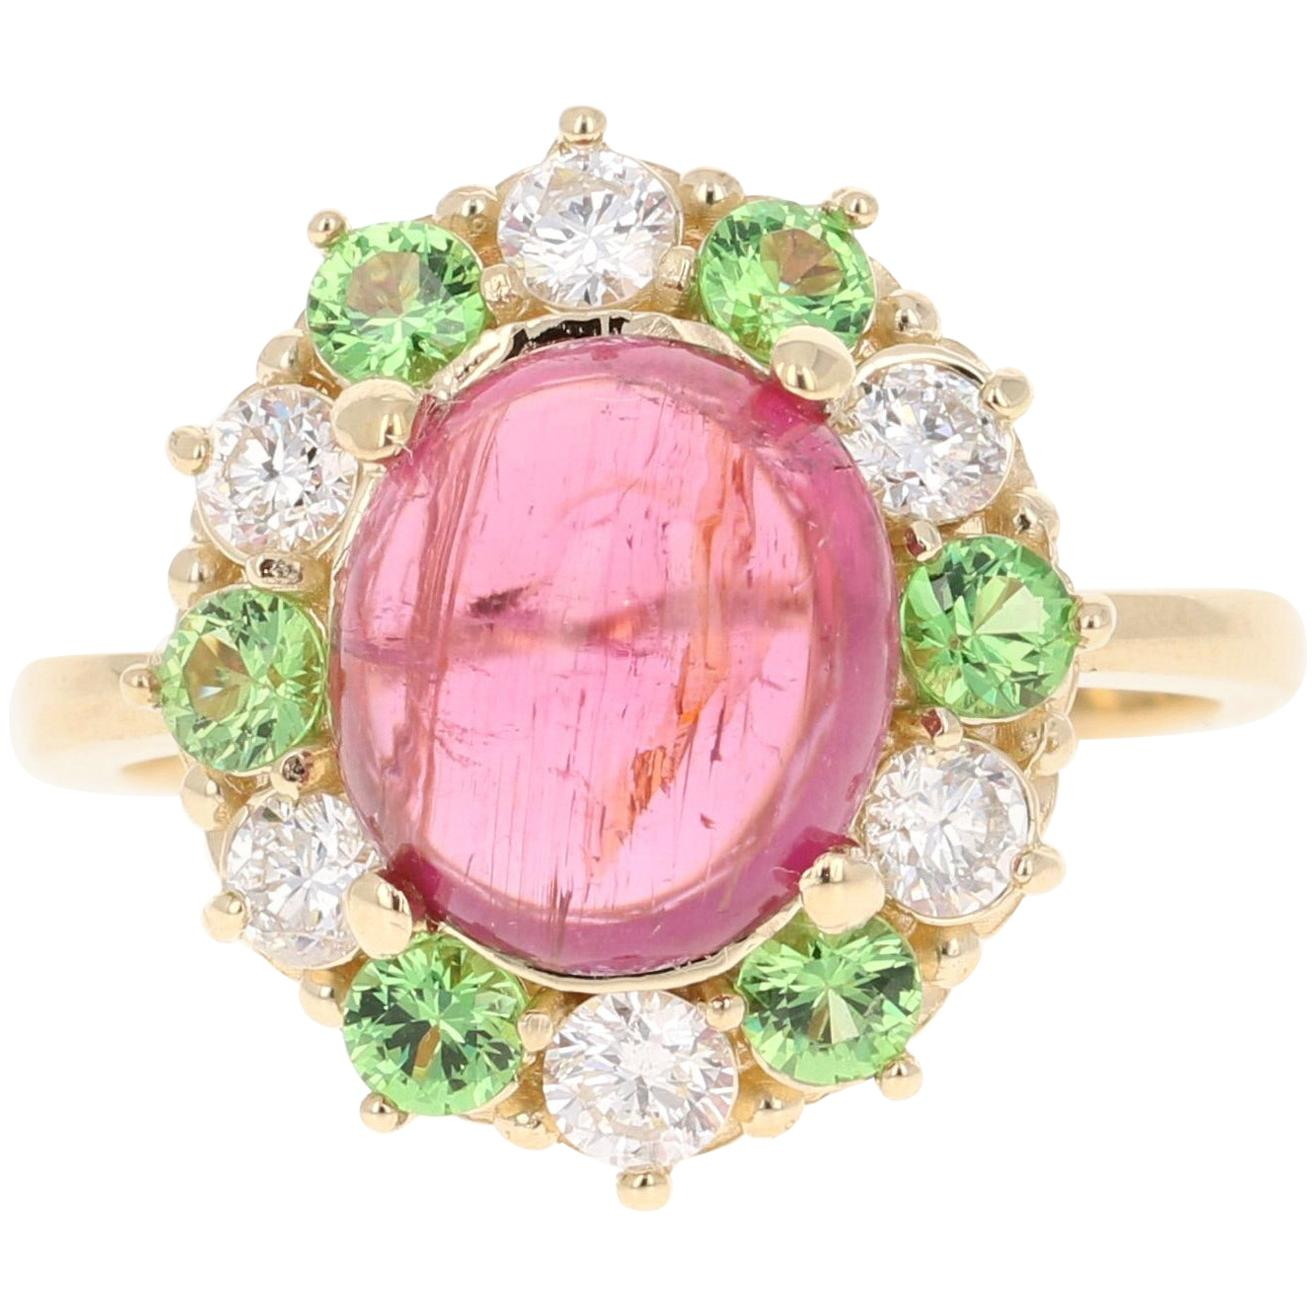 4.78 Carat Pink Tourmaline Tsavorite Diamond 14 Karat White Gold Ring